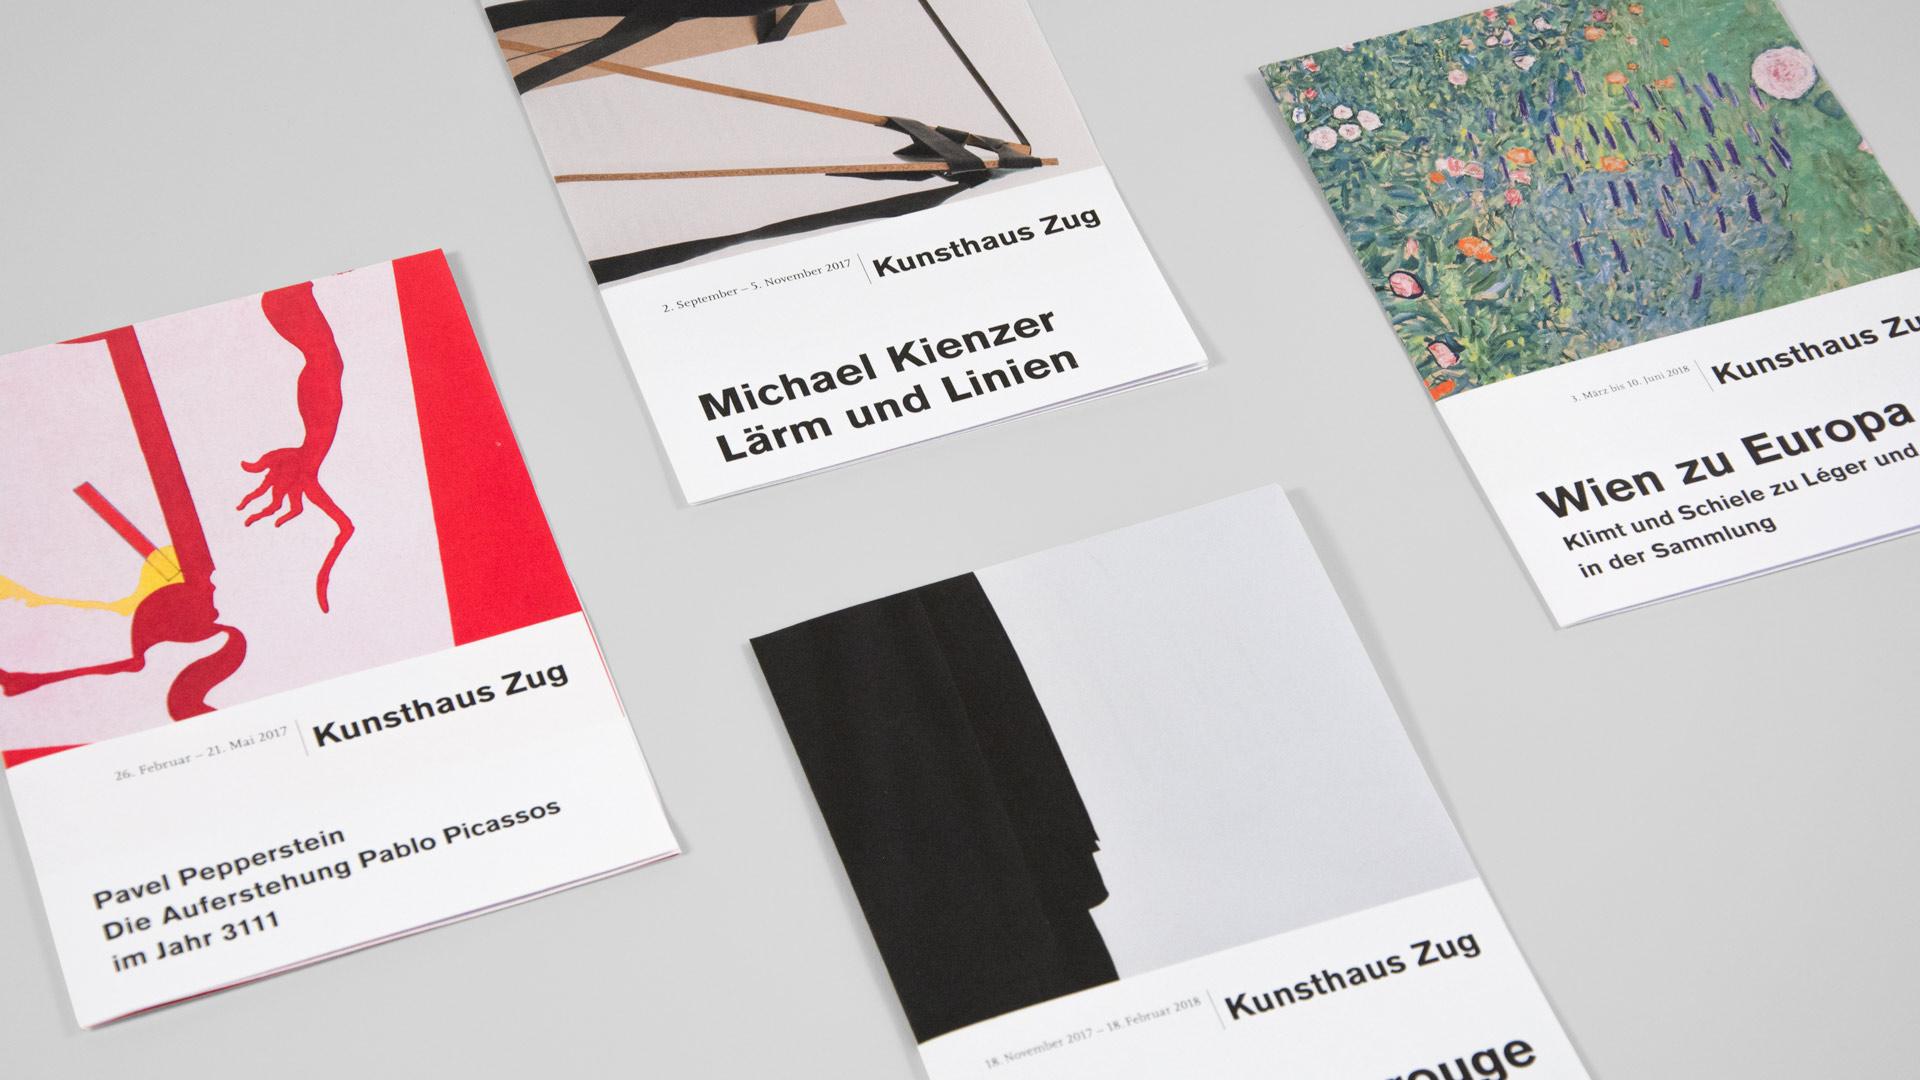 lequipe-visuelle-luzern-emmenbruecke-kunsthaus-zug-corporate-design-editorial-buch-gestaltung